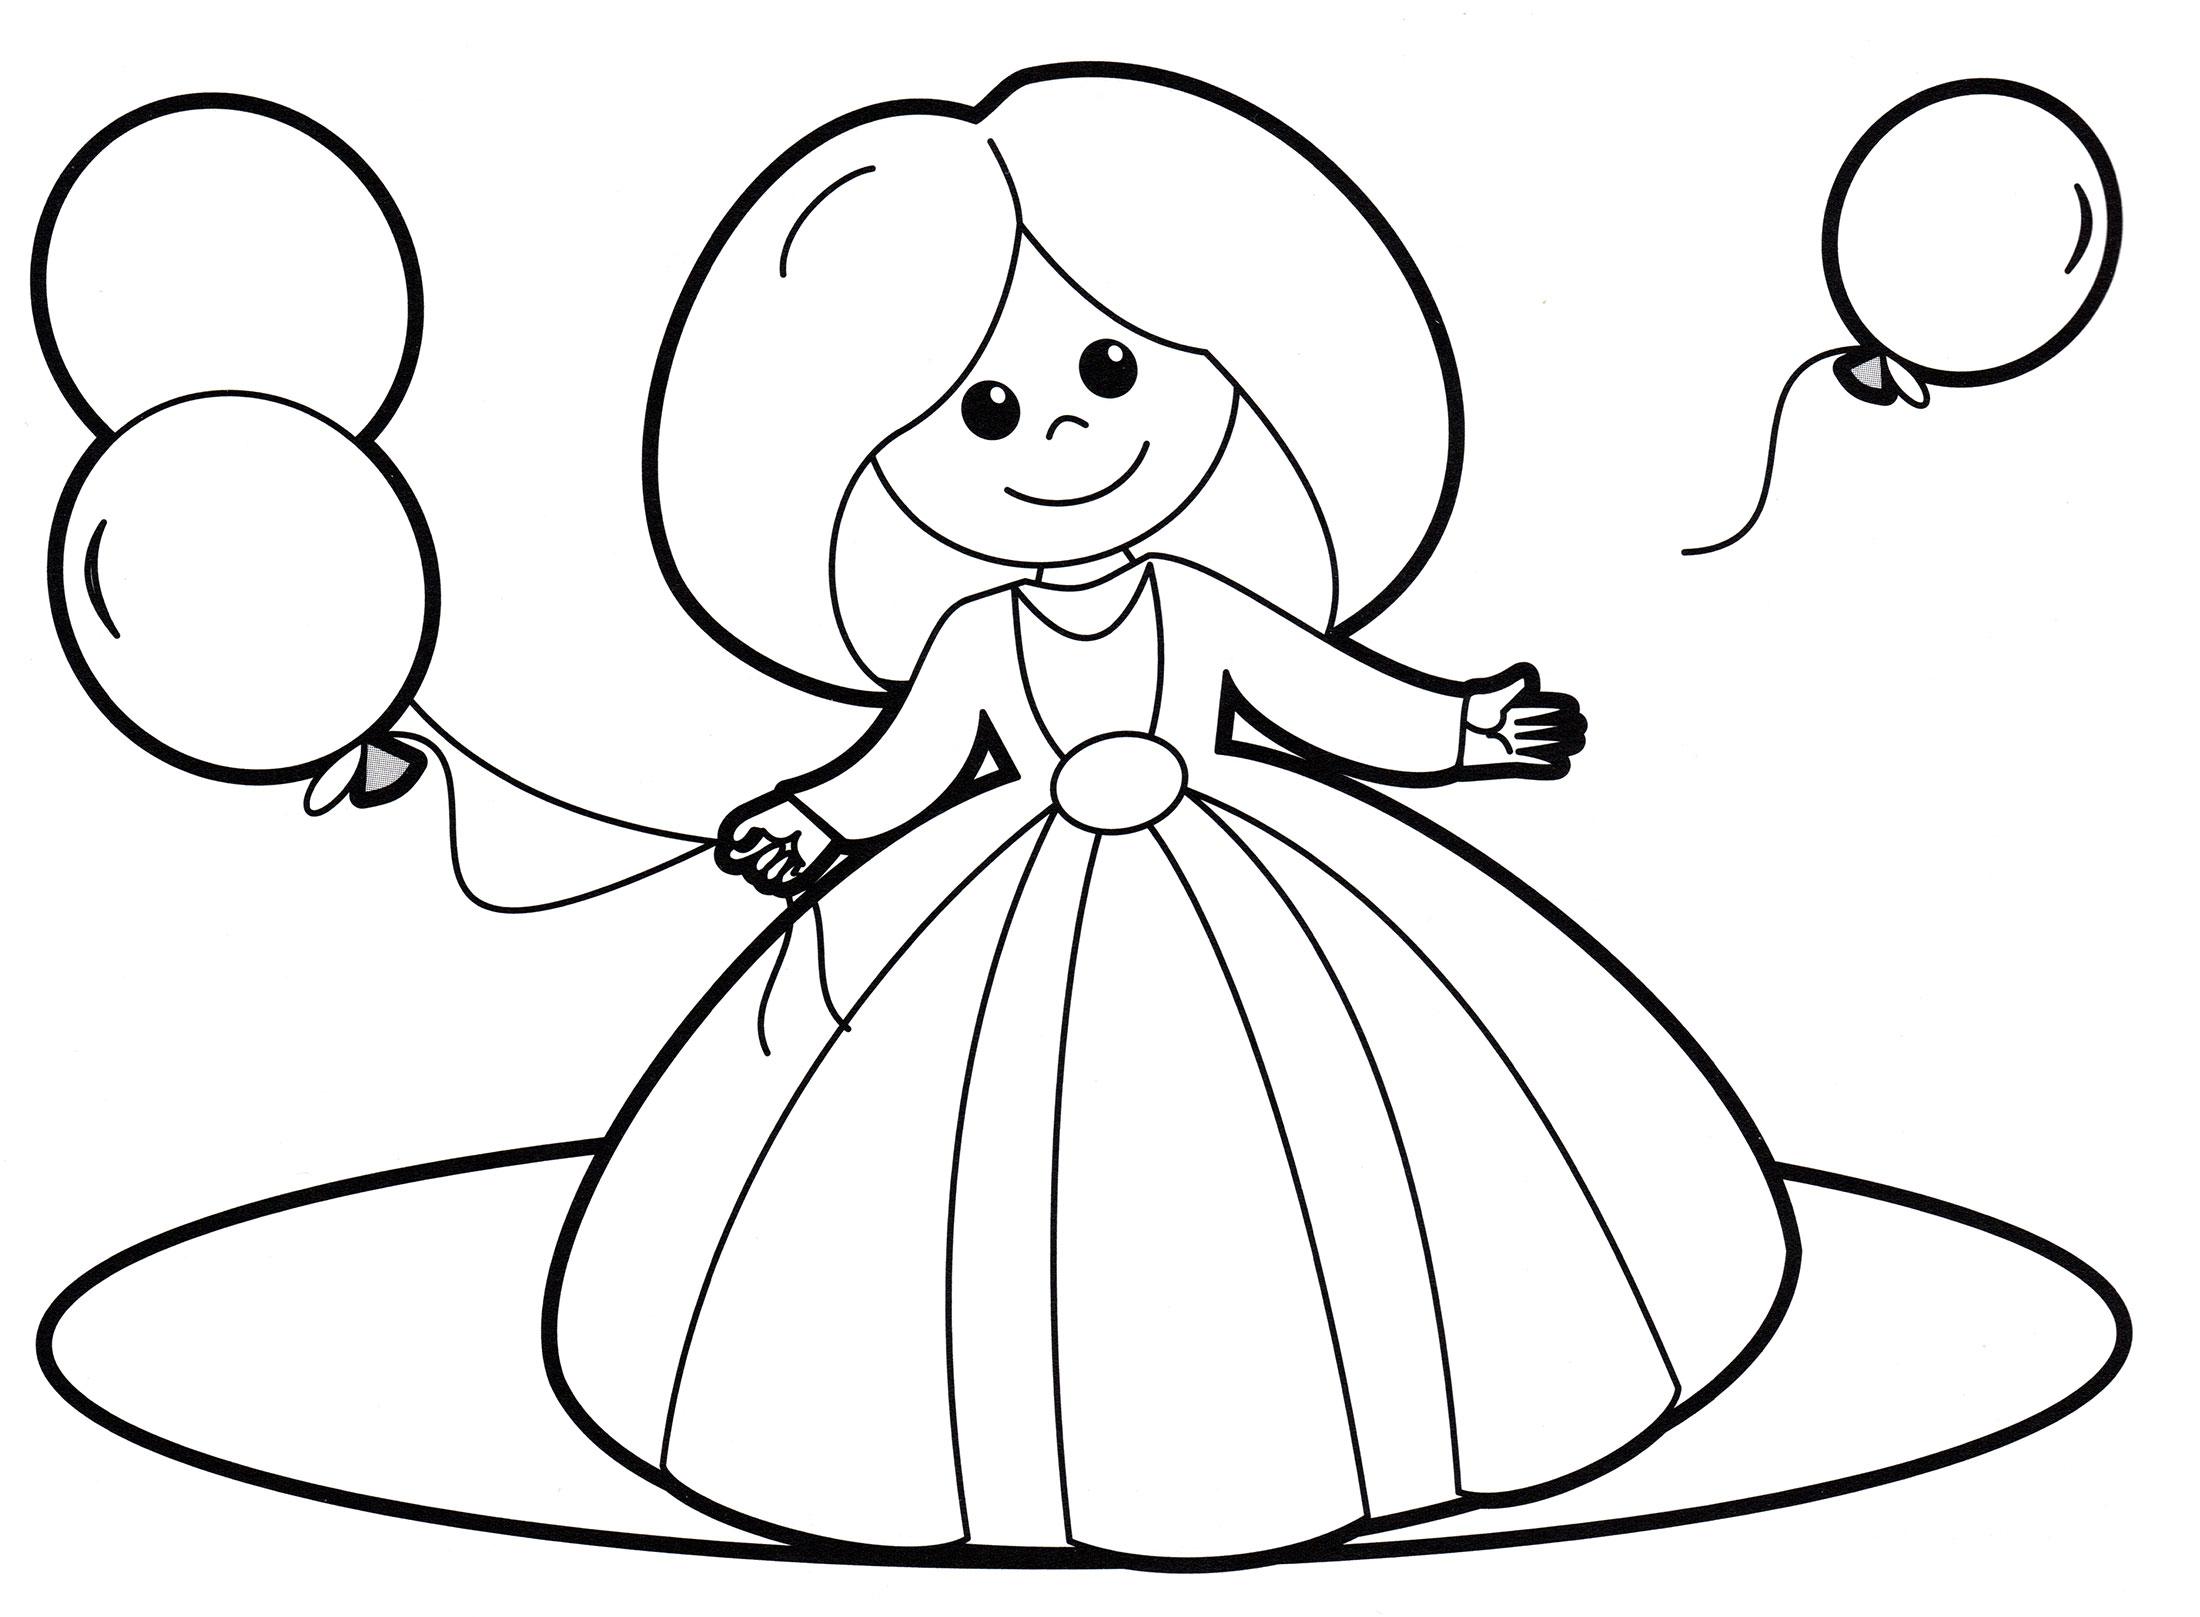 Раскраска Кукла с шариками - распечатать бесплатно